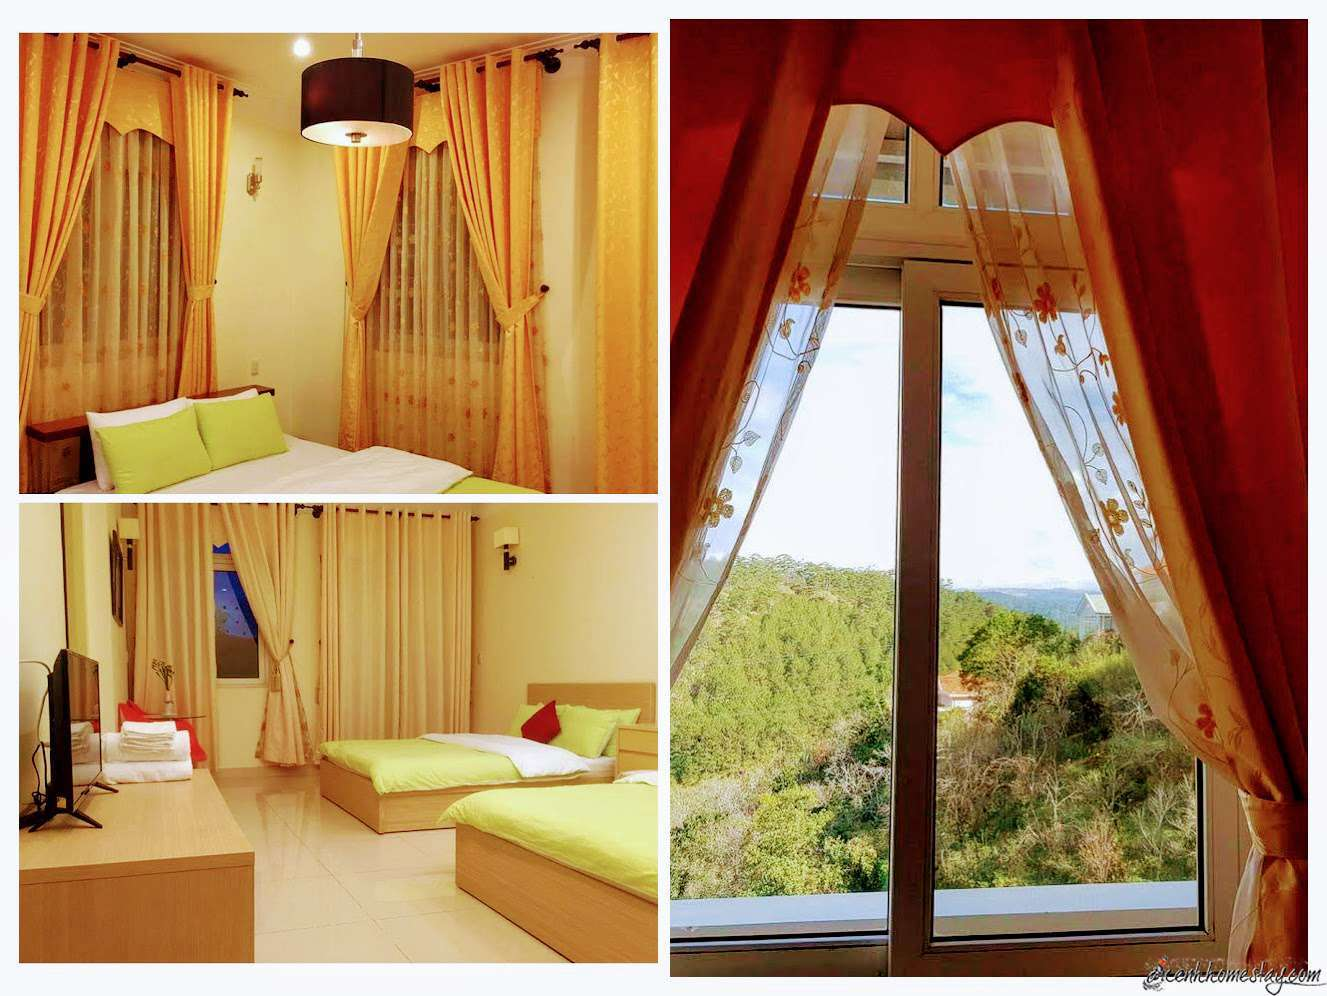 Villa An Hương: Sống chậm trong lâu đài Châu Âu thu nhỏ giữa lòng Đà Lạt